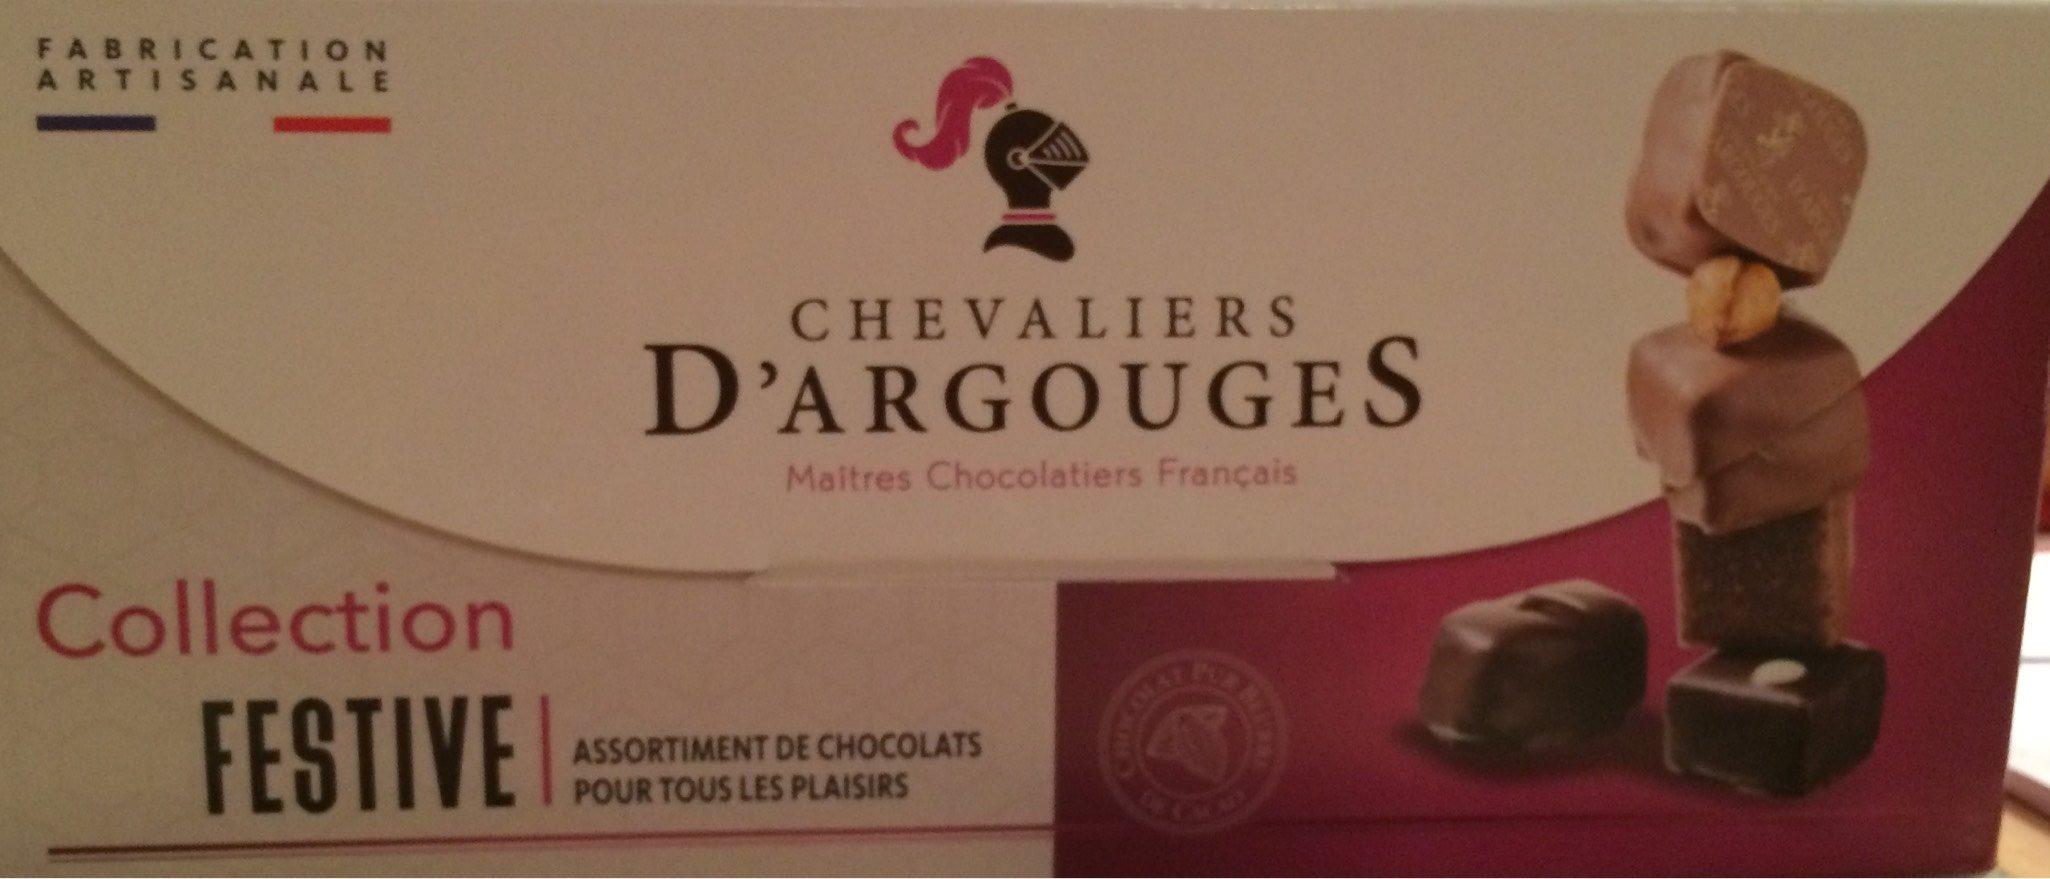 Chocolats chevaliers d'argouges - Product